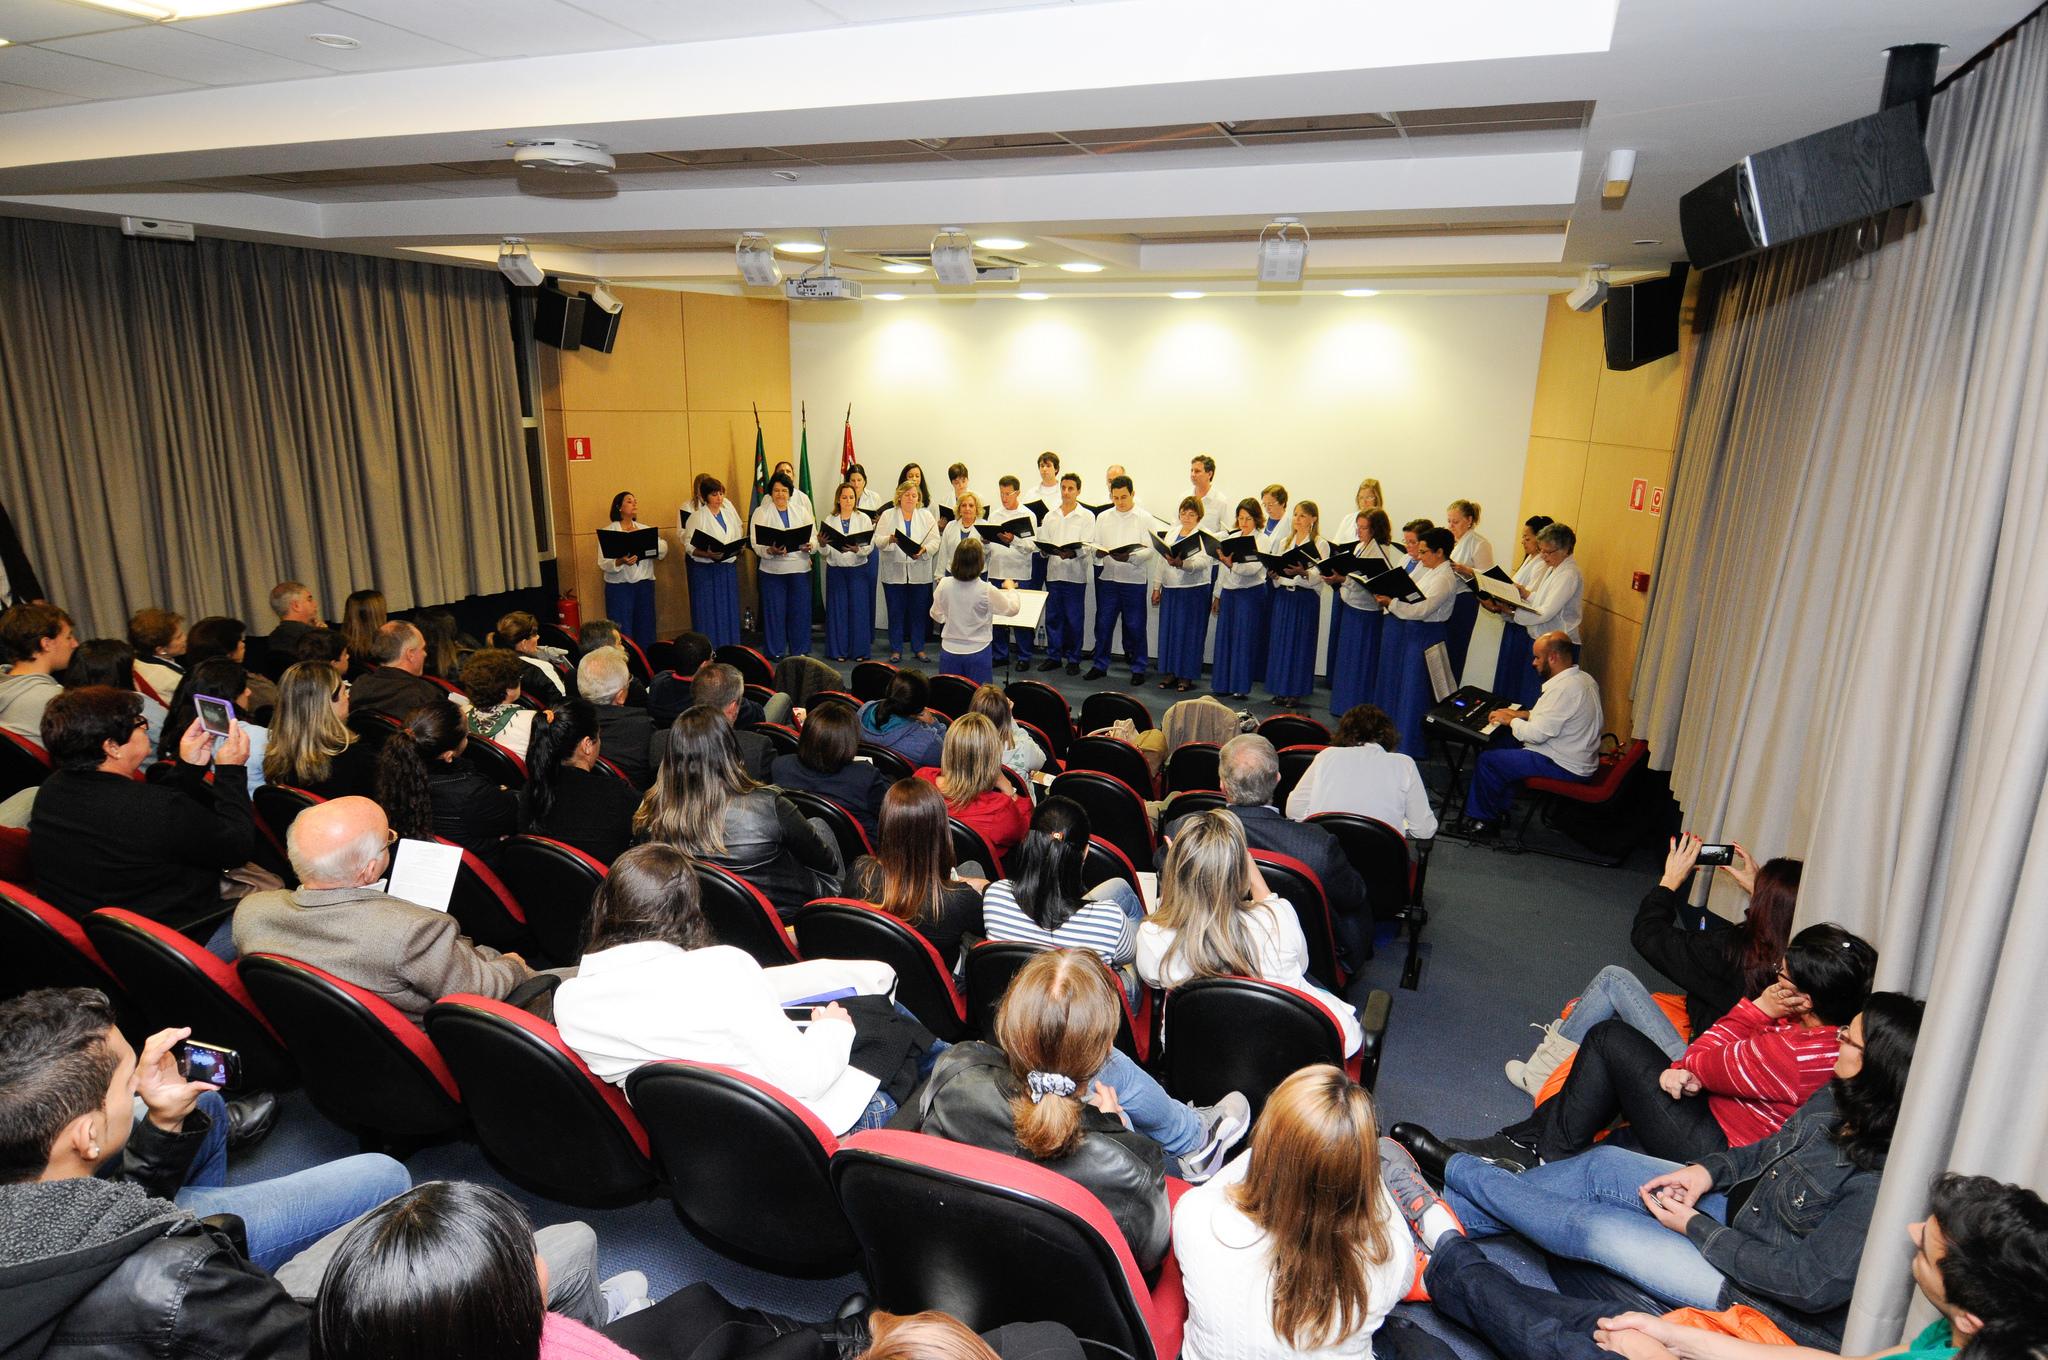 Apresentação no auditório do SENAC Jundiaí - (10/06/2014)